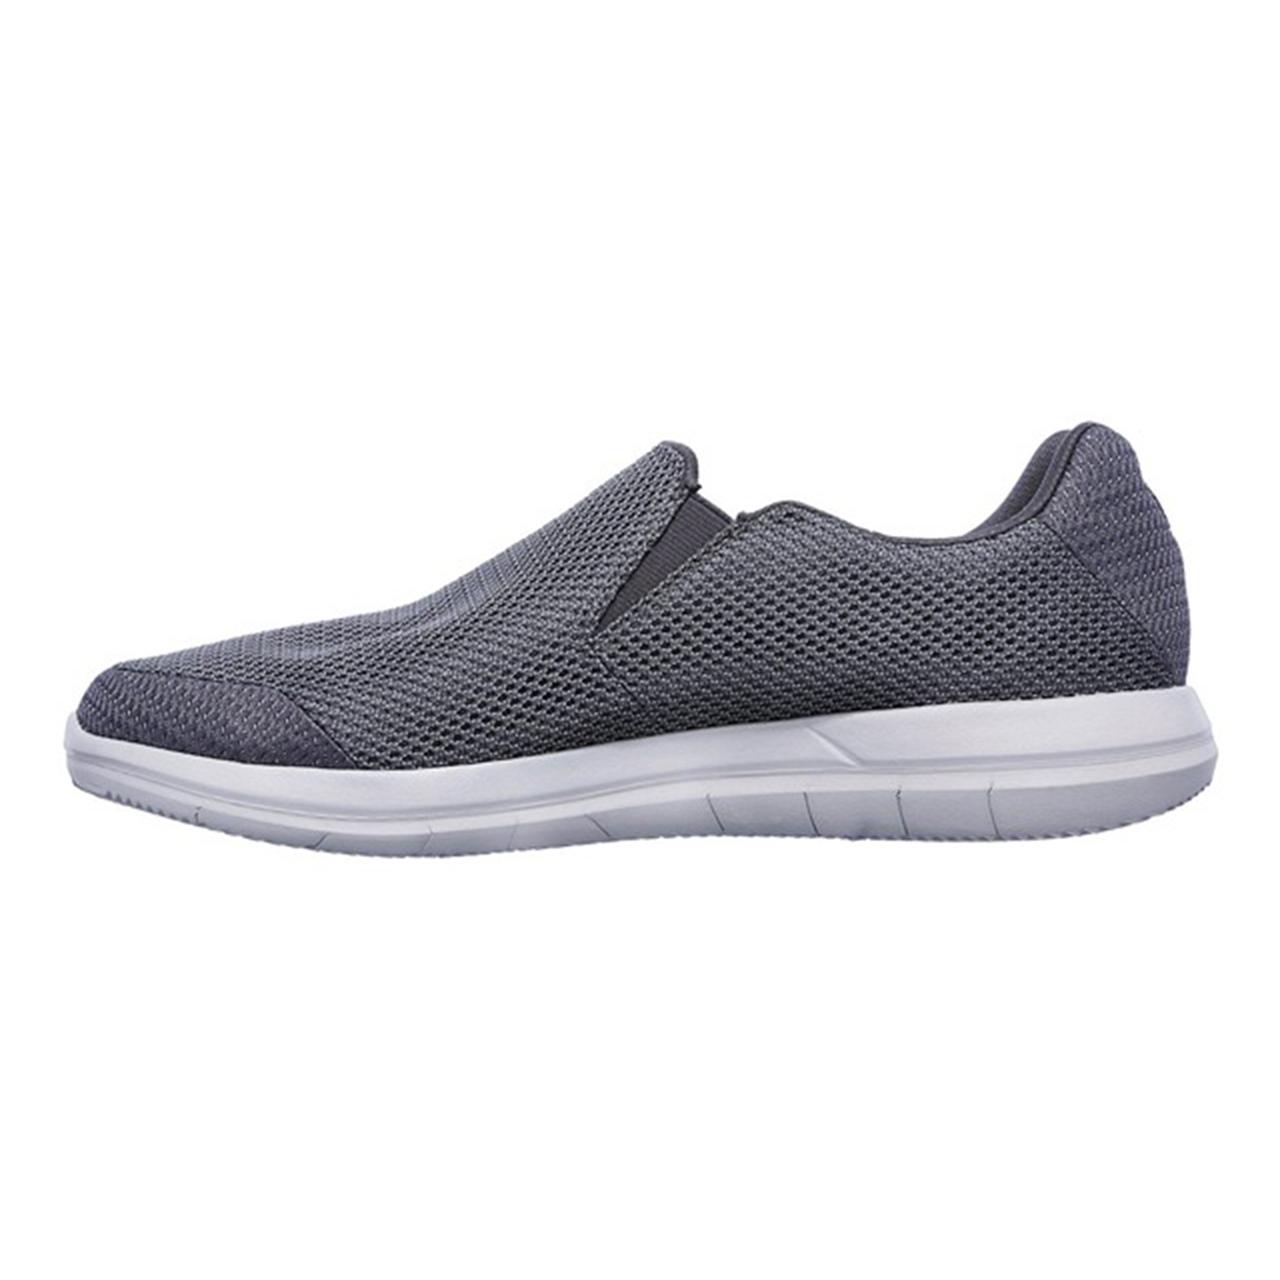 کفش مخصوص  پیاده روی مردانه اسکچرز مدل  MIRACLE 54015CHAR